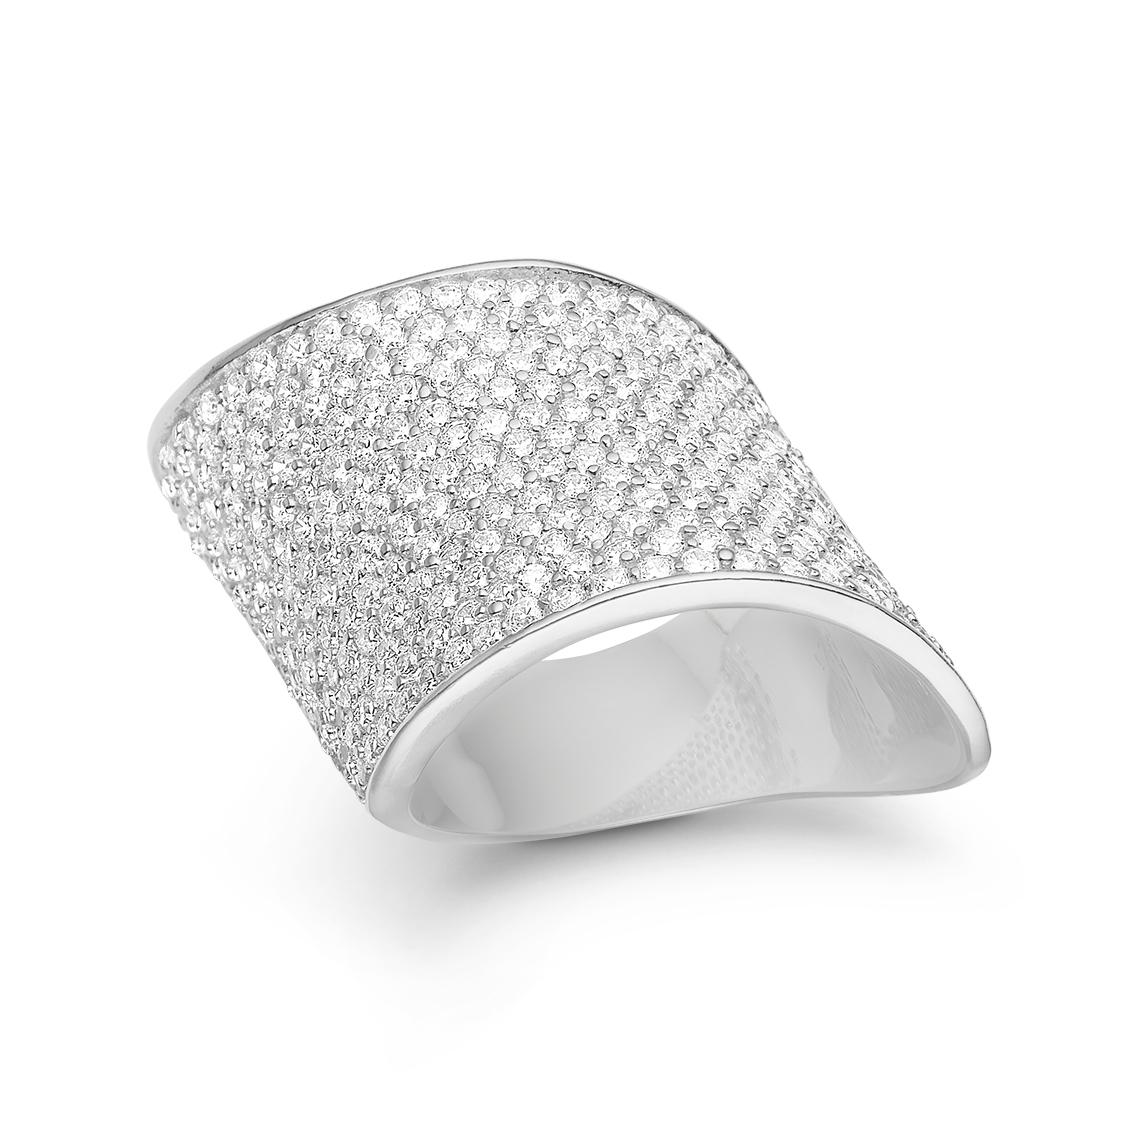 Image of   Kranz & Ziegler Rhodineret sølv ring wave - 6205202 Størrelse 52